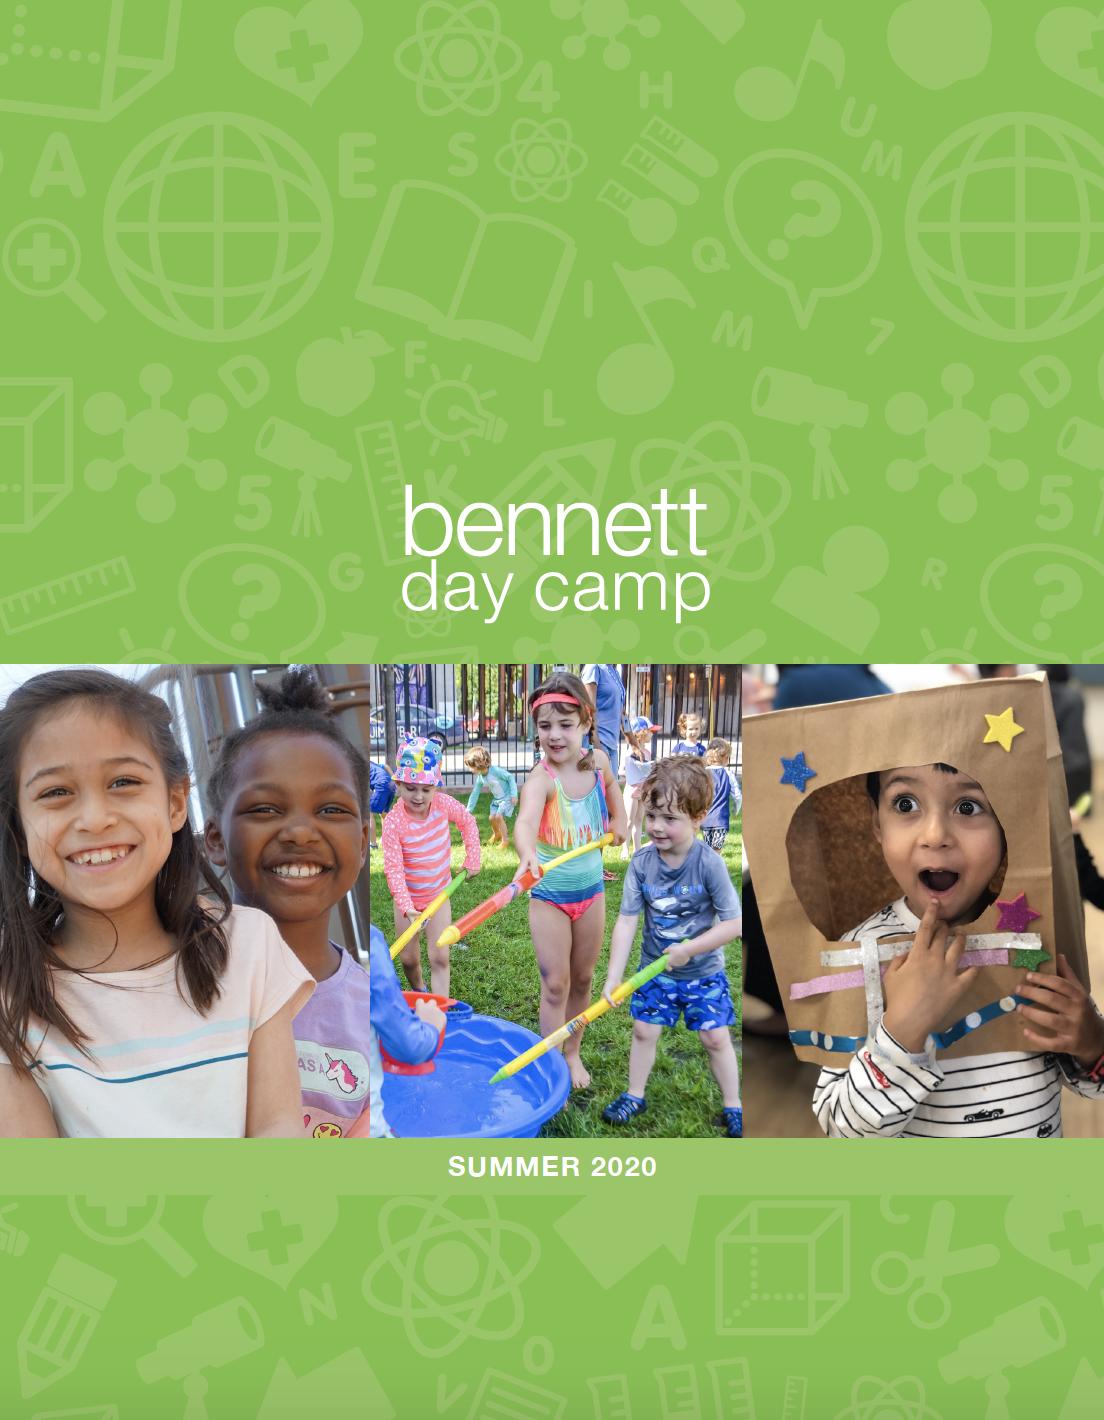 Bennett Day Camp Summer 2020 Guide